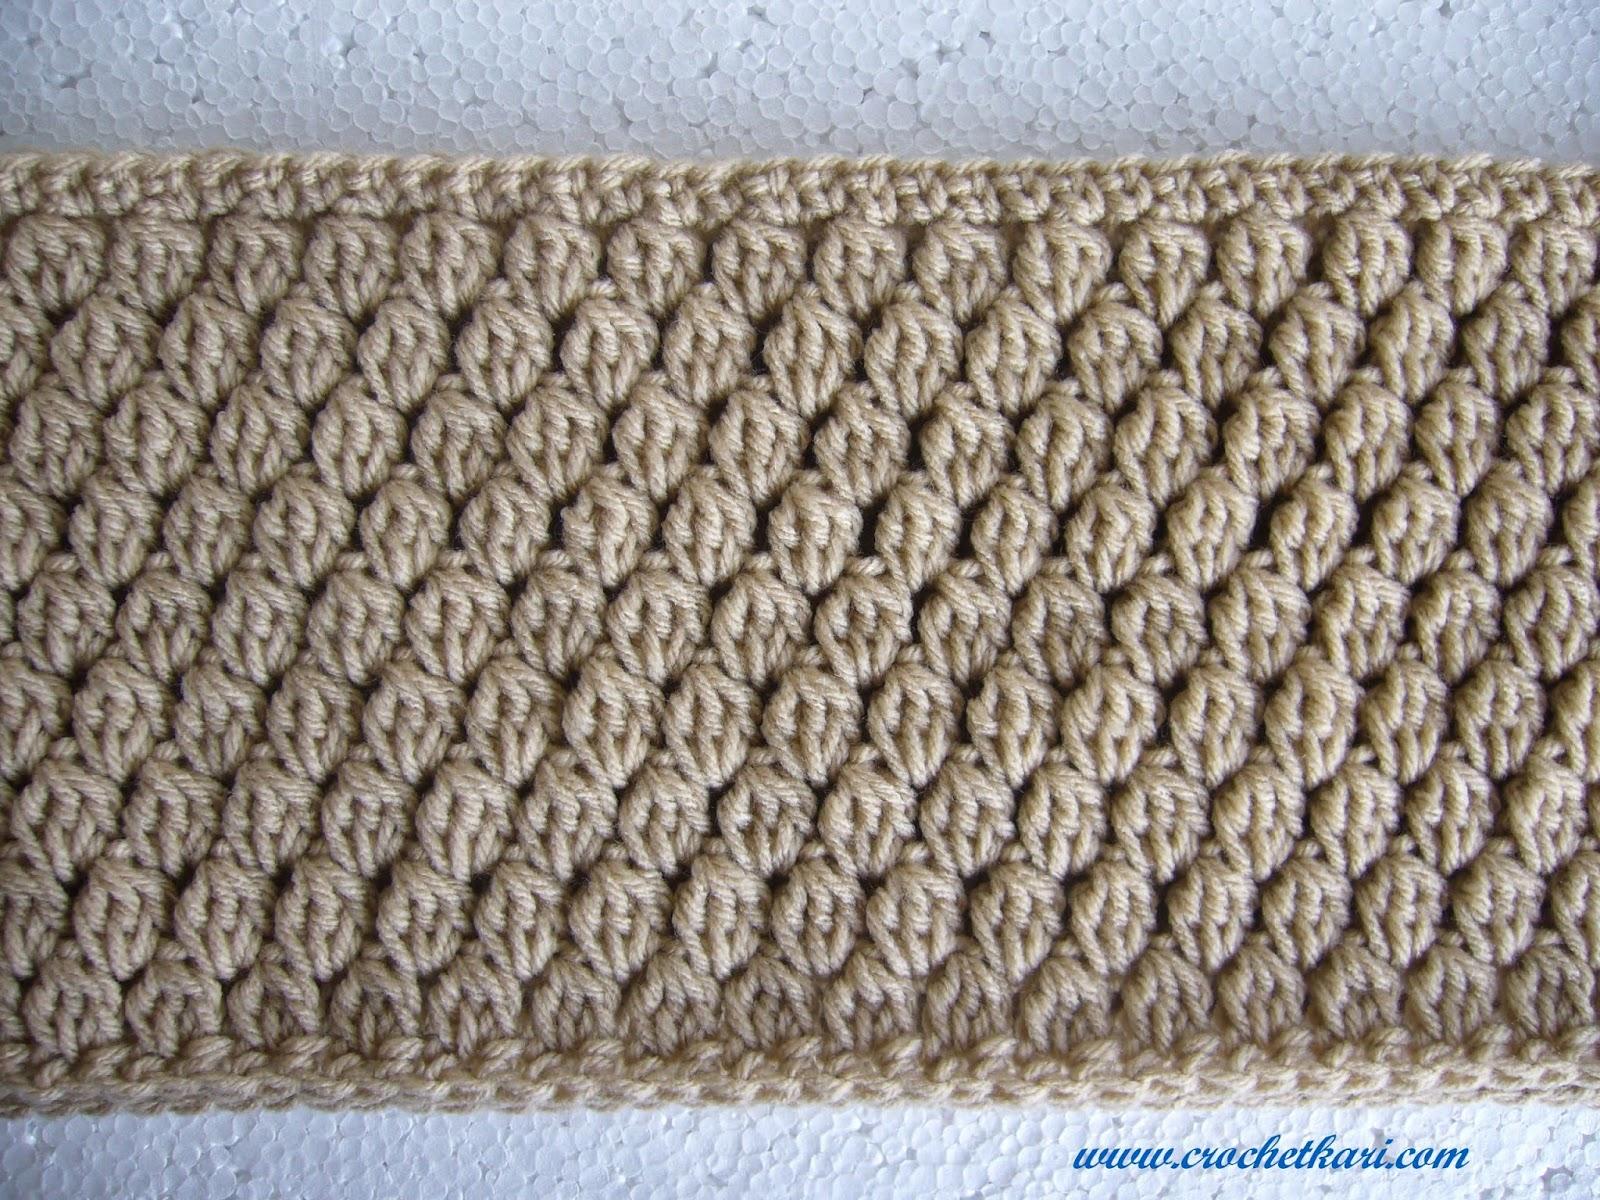 Crochet Cluster stitch cuffed cowl